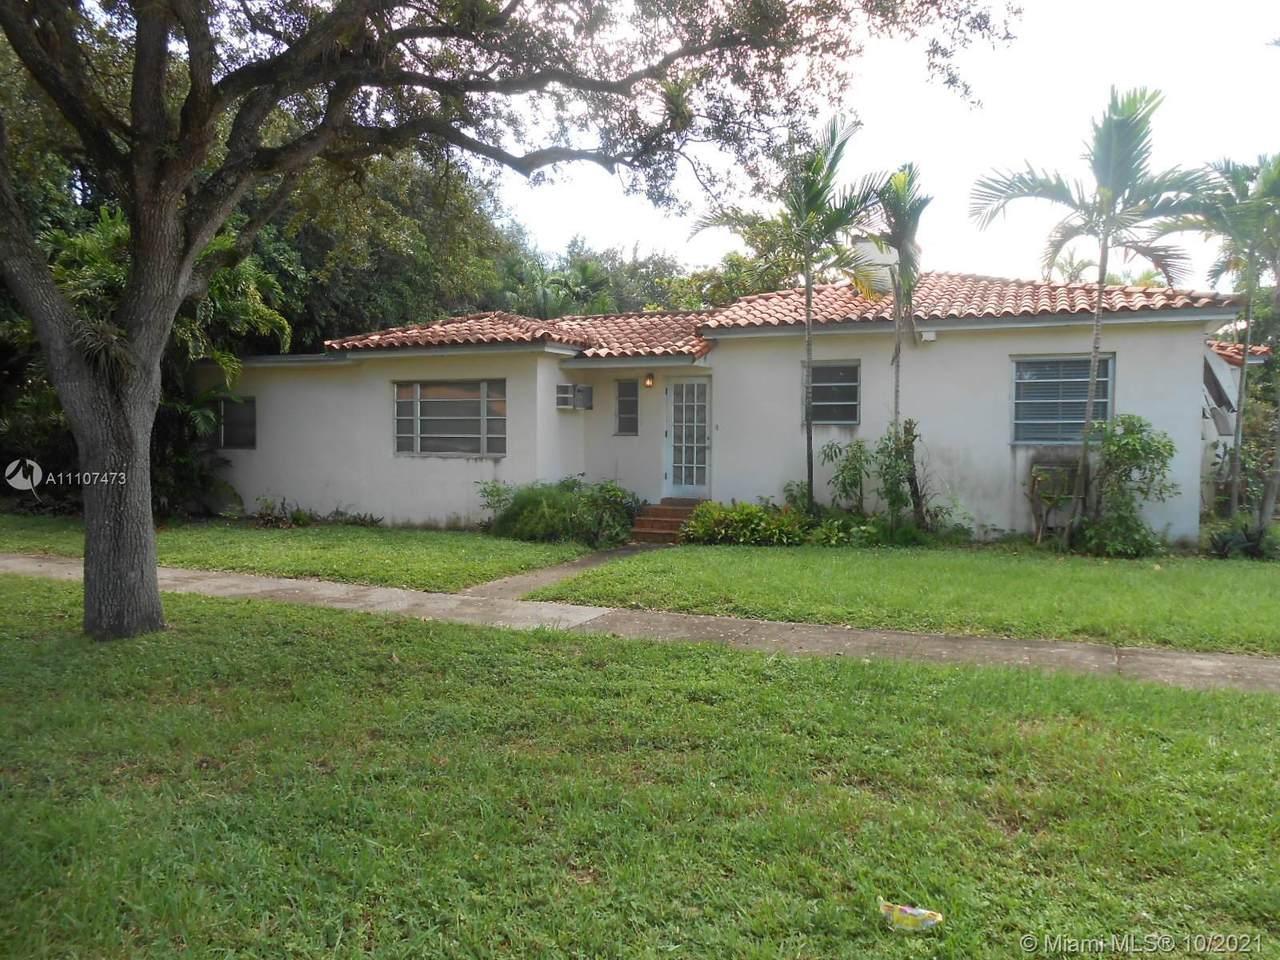 9833 Miami Ave - Photo 1